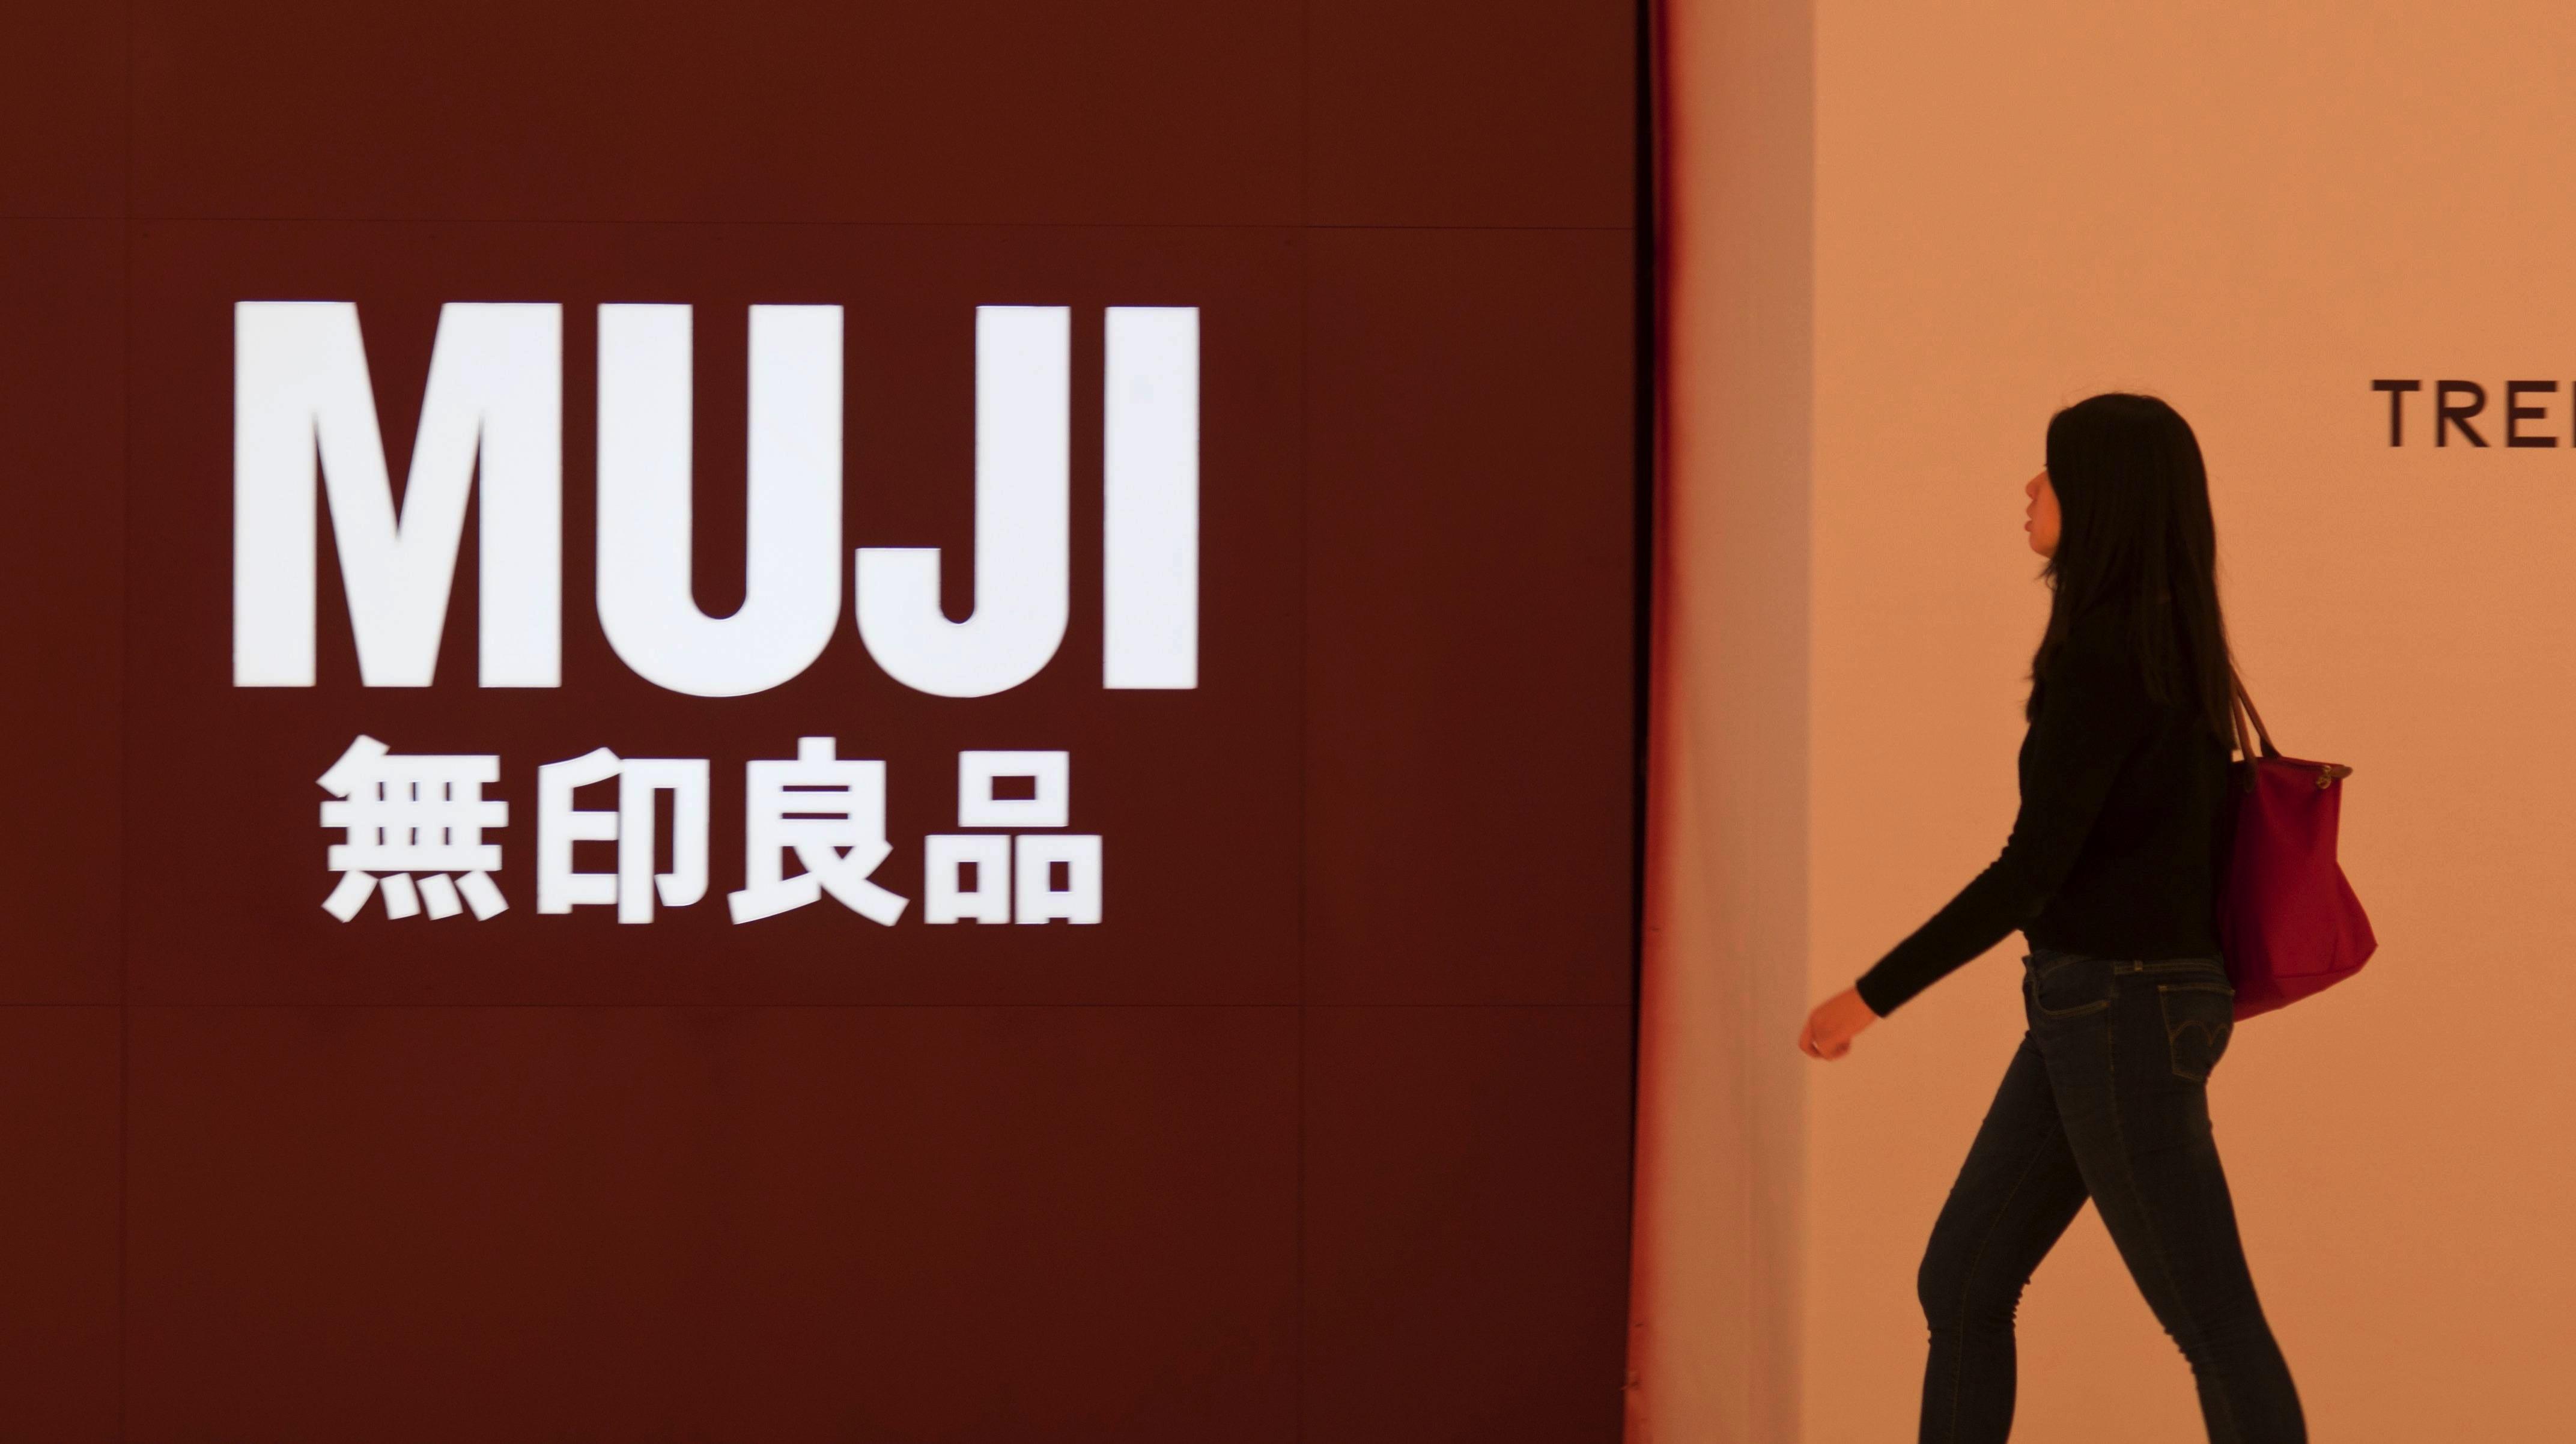 全球零售业现破产潮:无印良品美国子公司申请破产保护,负债67亿日元